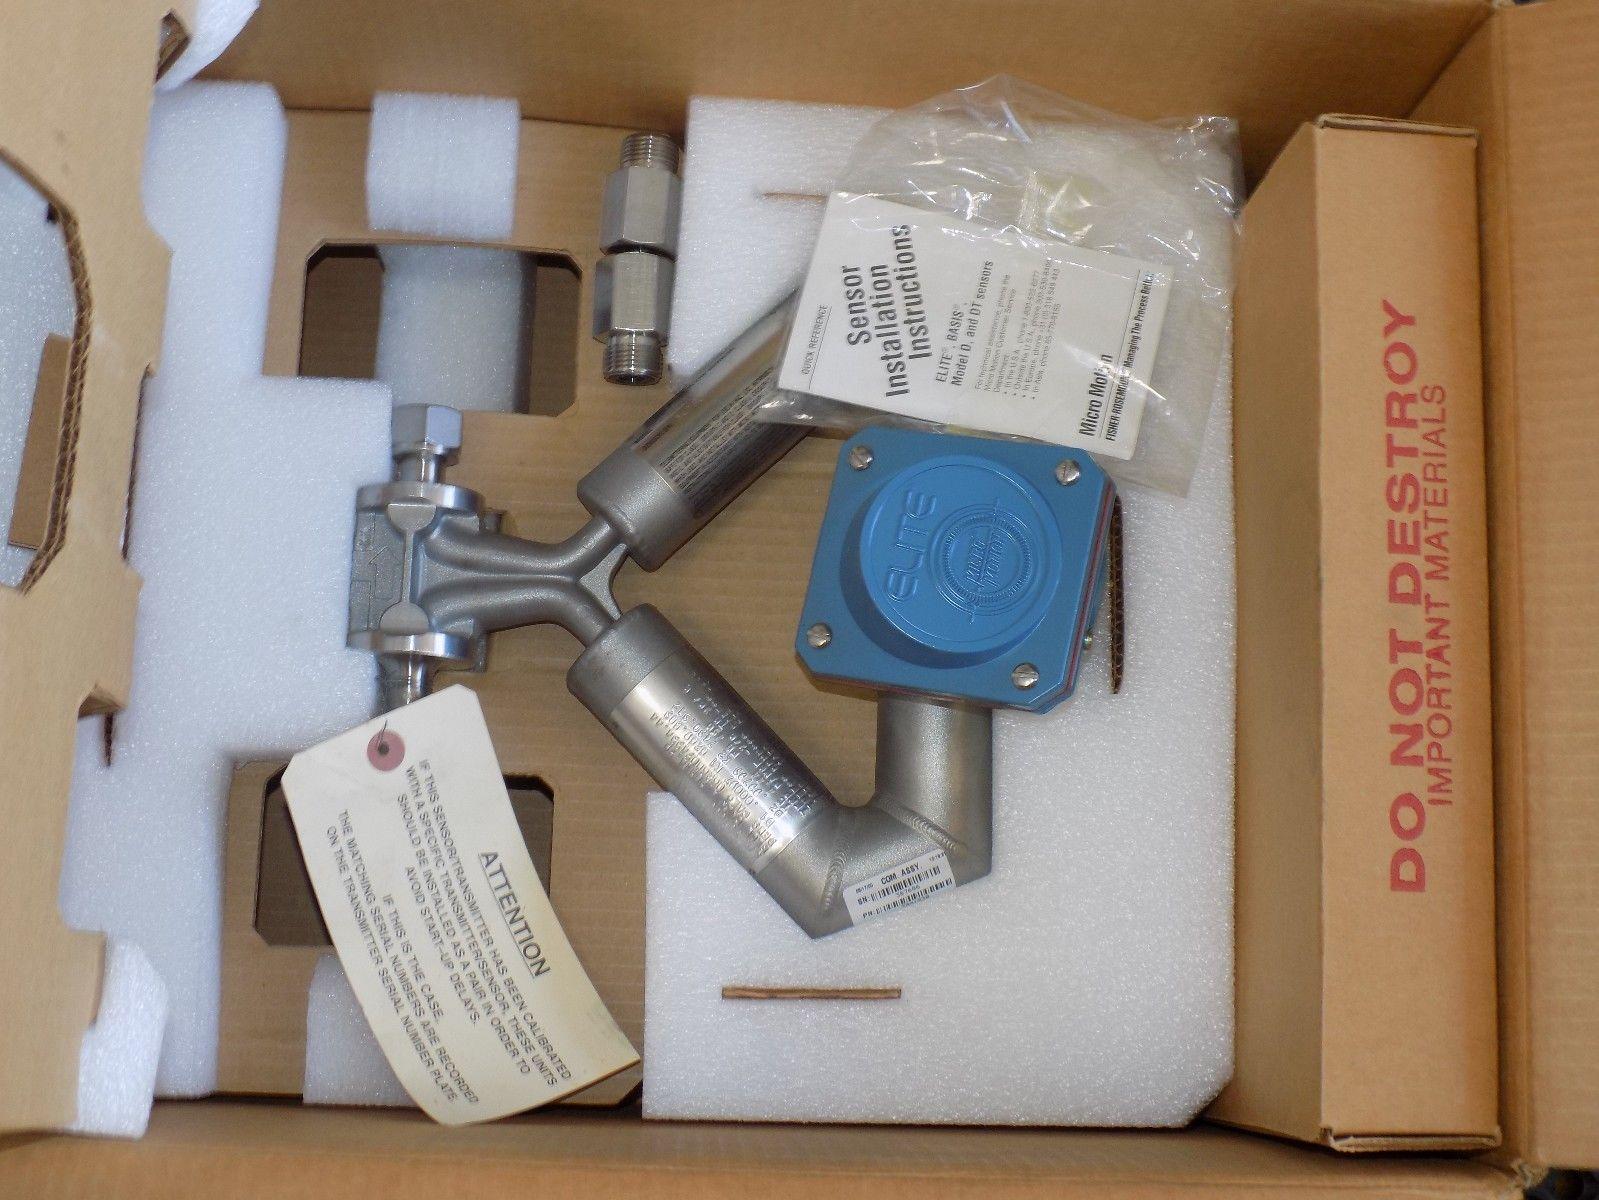 国内艾默生CMF025高准质量流量计报价代理商